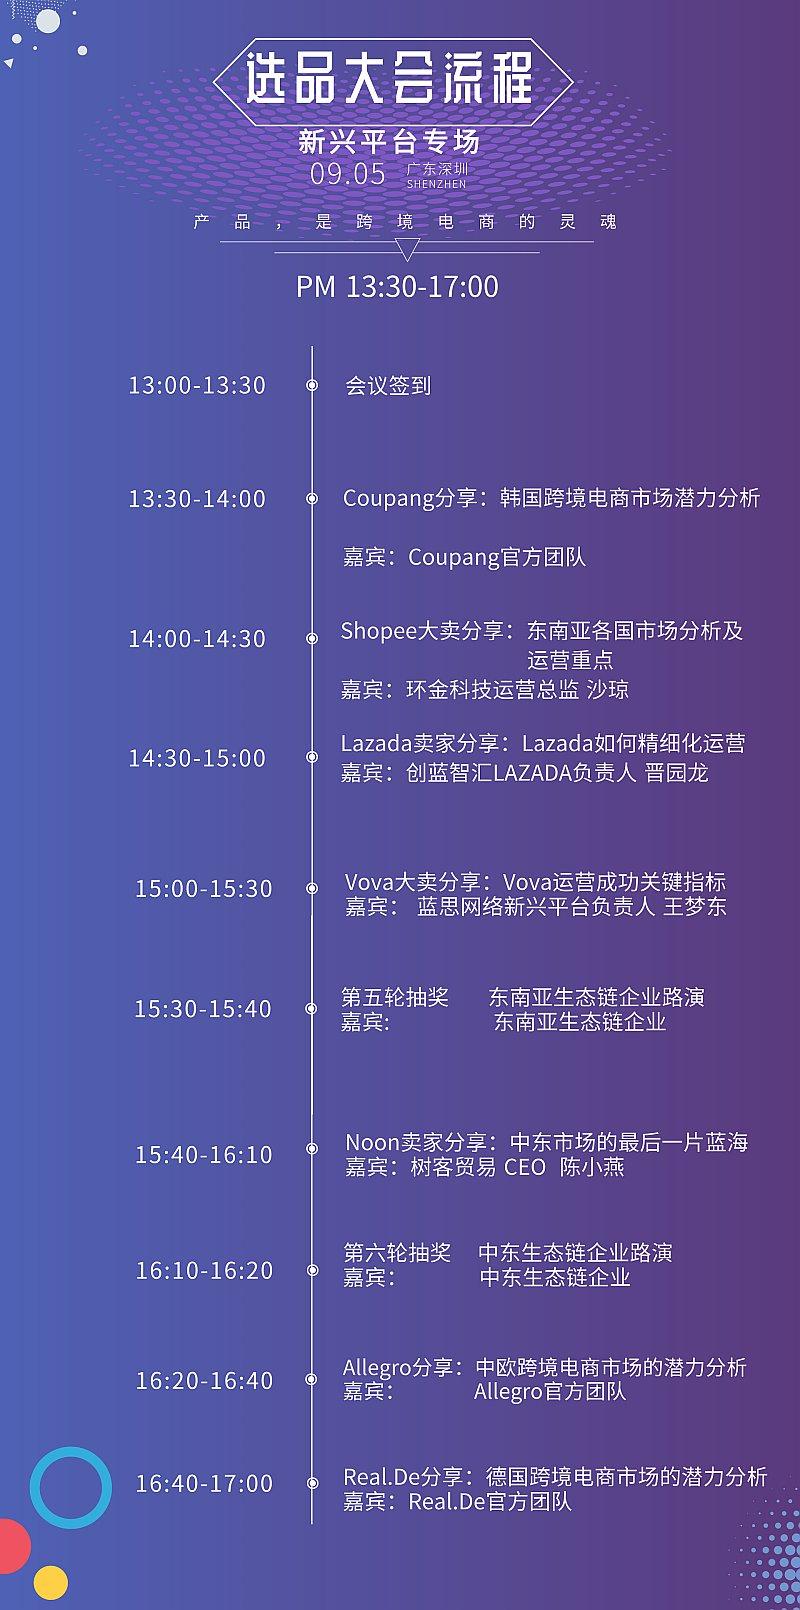 海圈网跨境电商选品大会.jpg